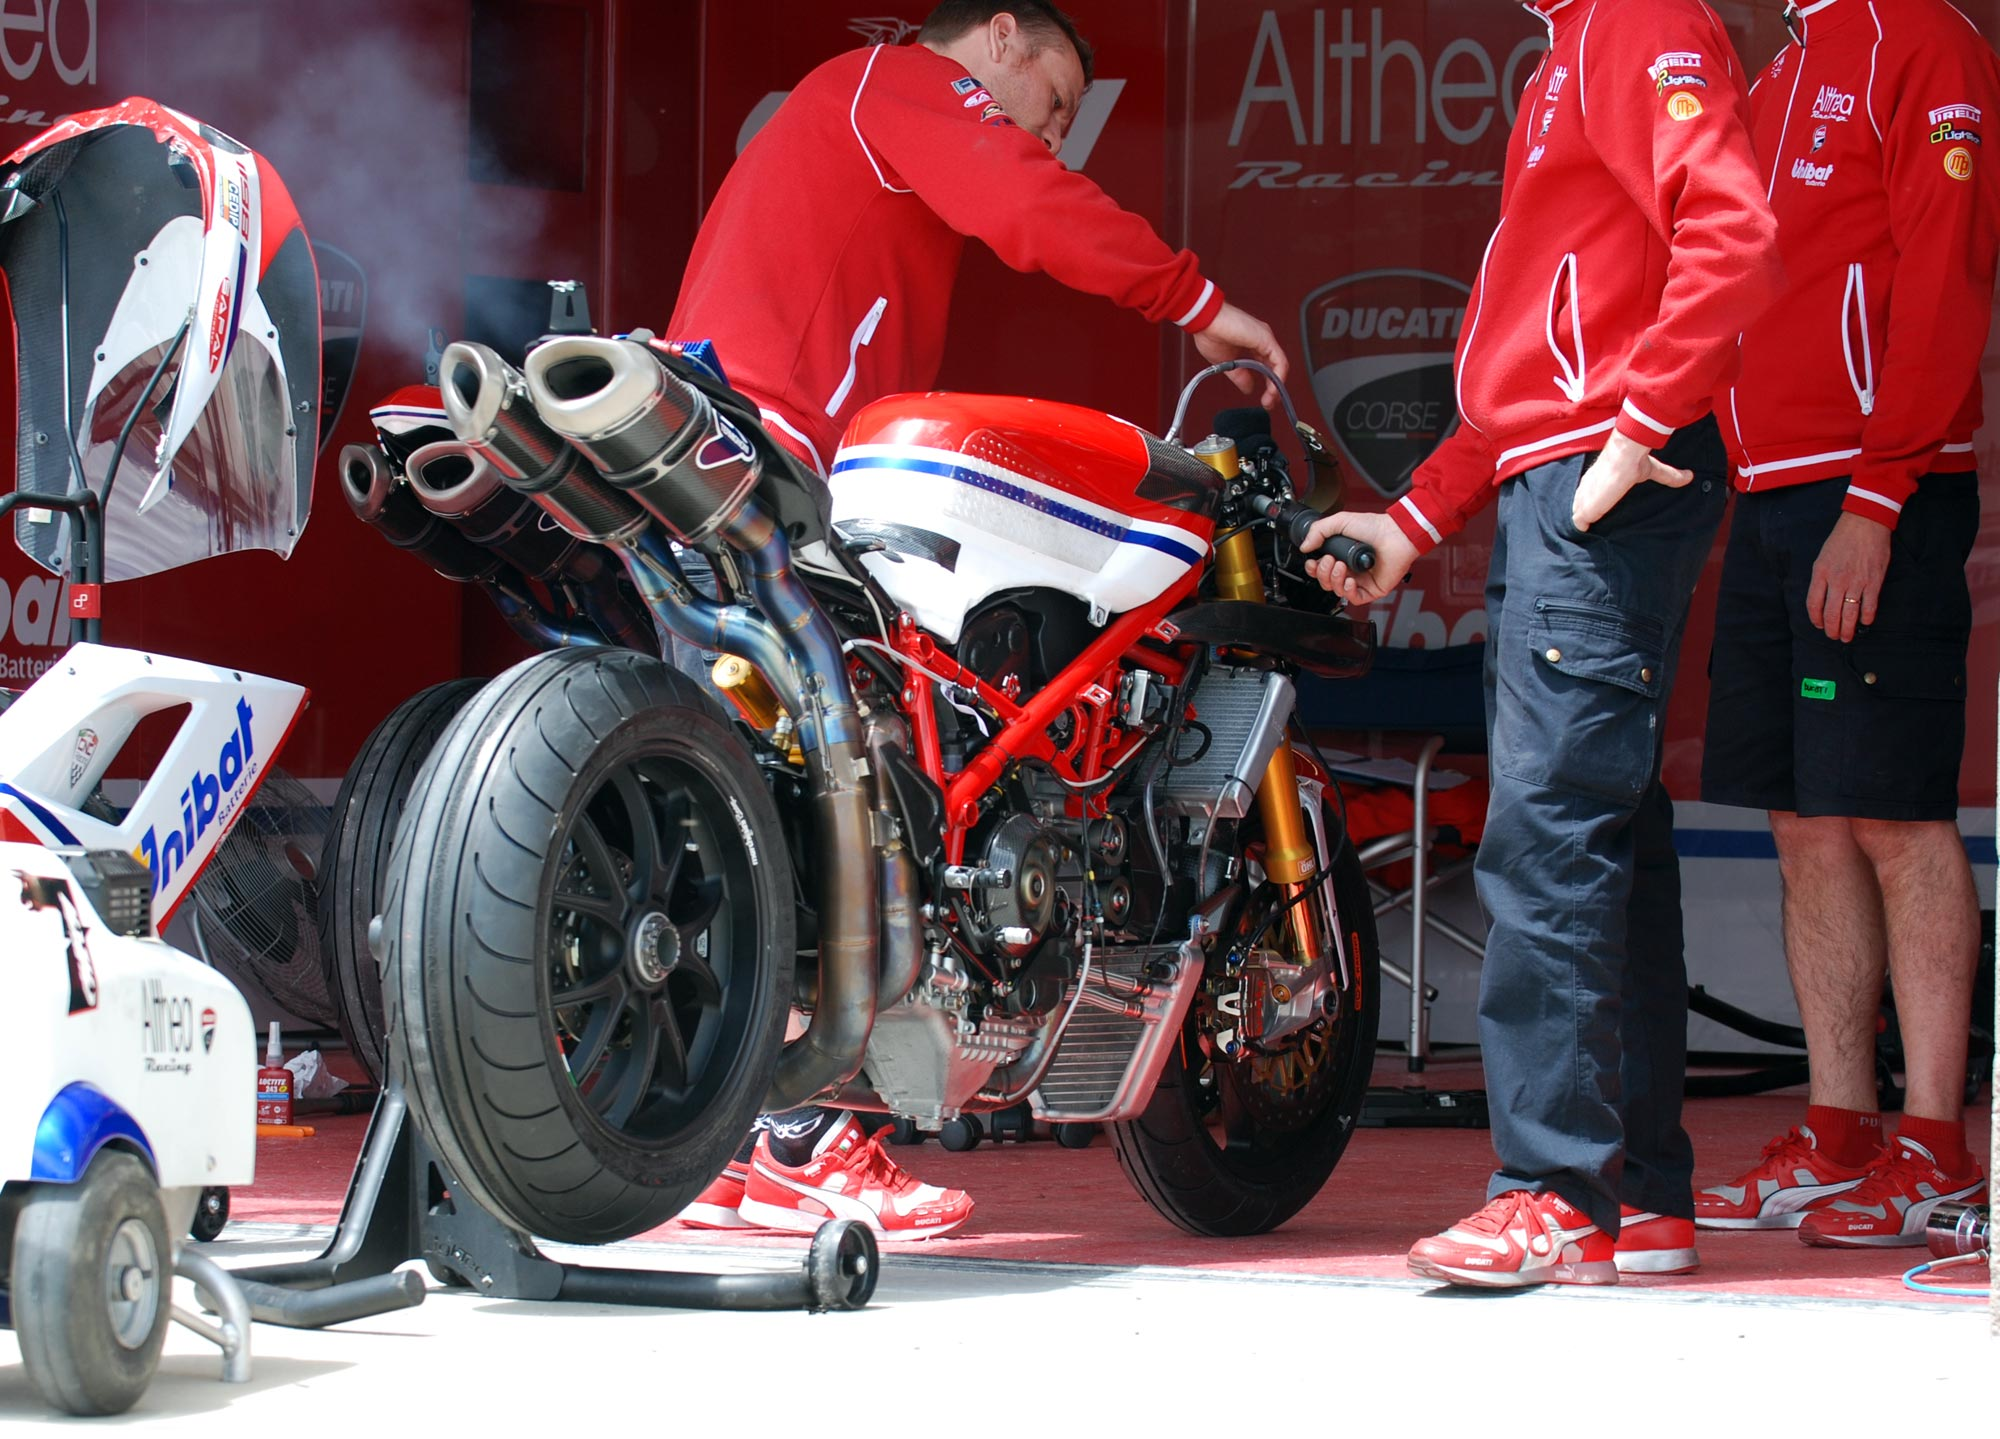 Althea-Ducati-motor-break-in.jpg.9fab635